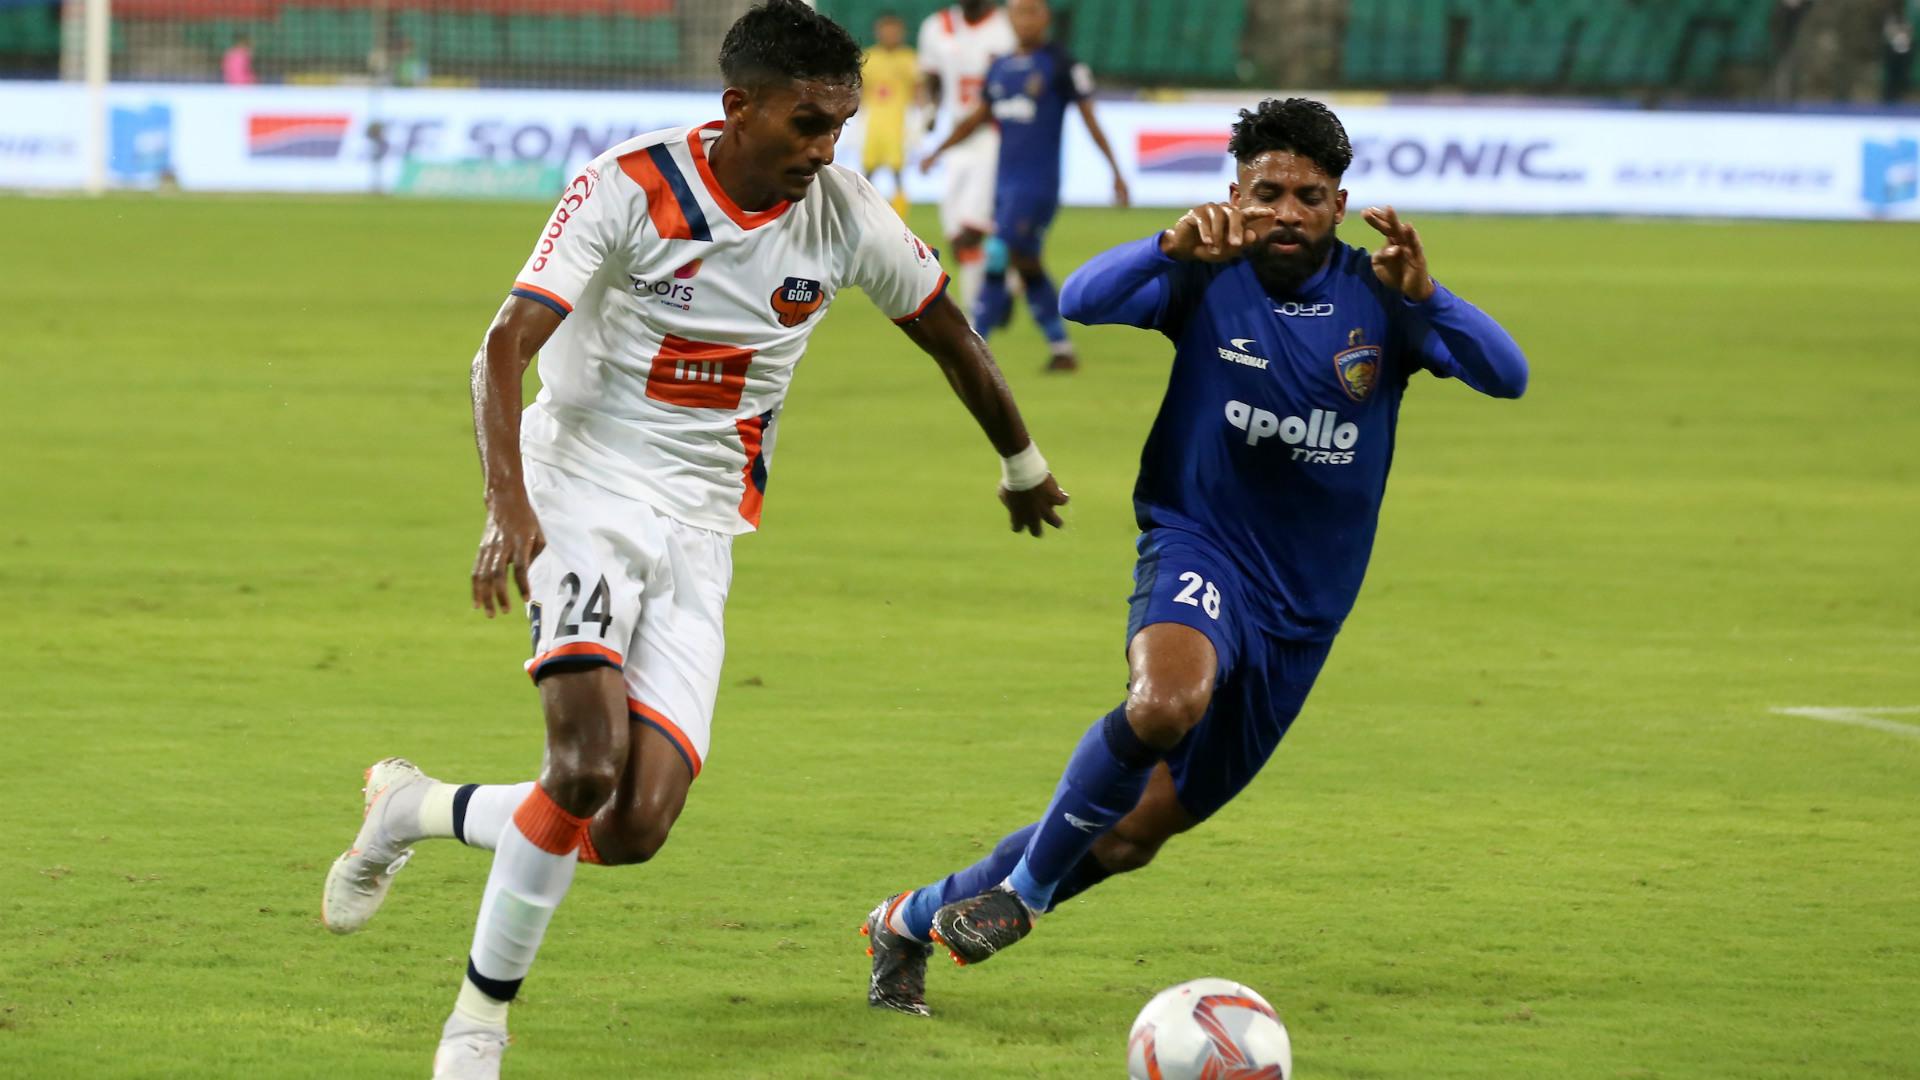 Lenny Rodrigues Germanpreet Singh Chennaiyin FC FC Goa ISL 5 10062018